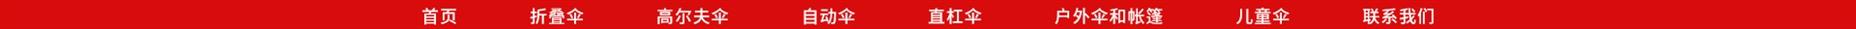 新葡京集团3522.com